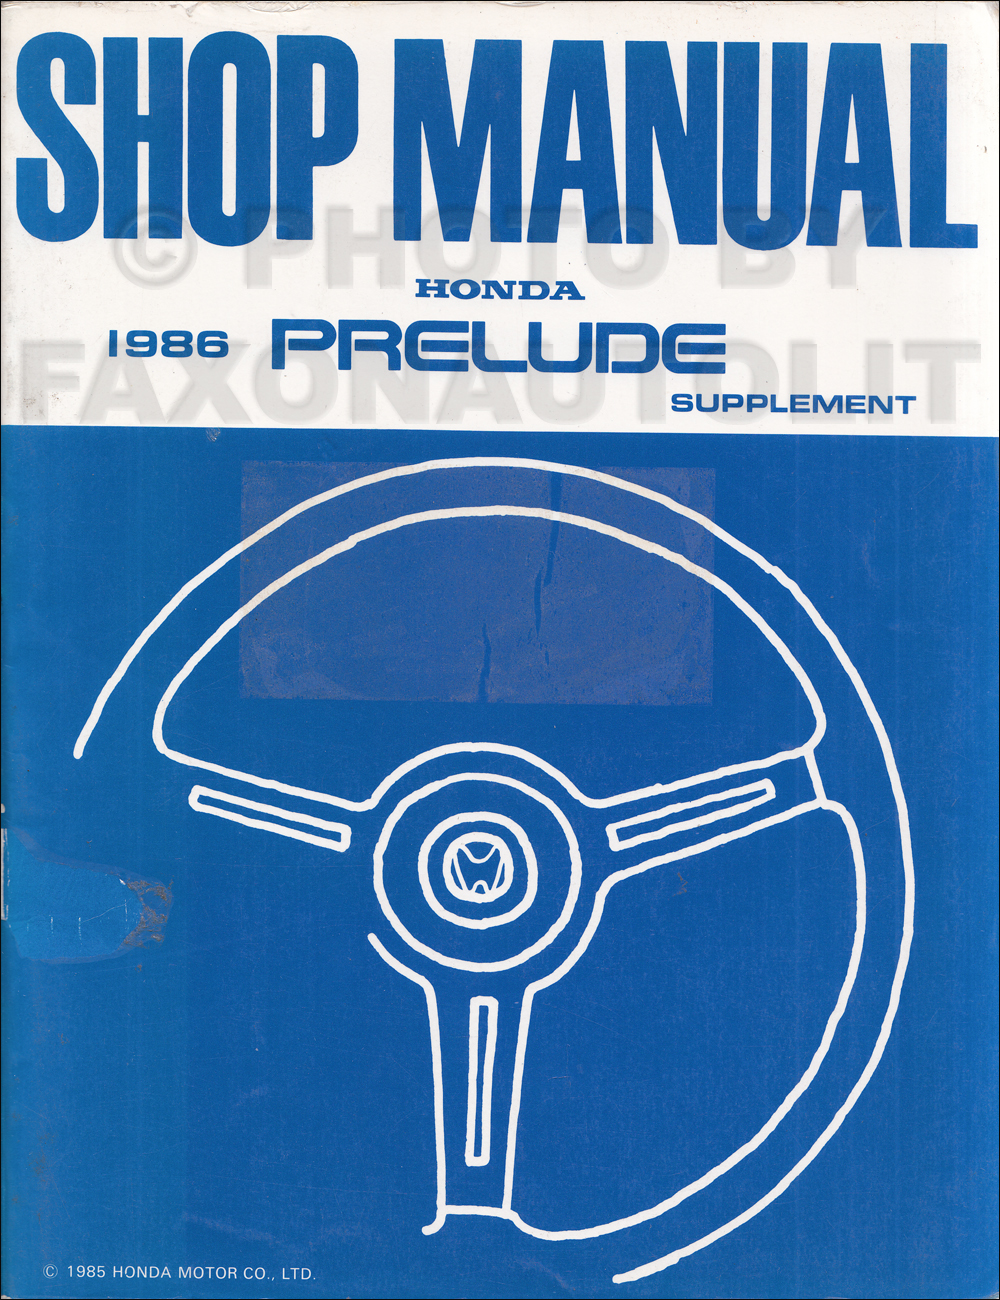 1996 Honda Prelude Repair Manual Supplement Original